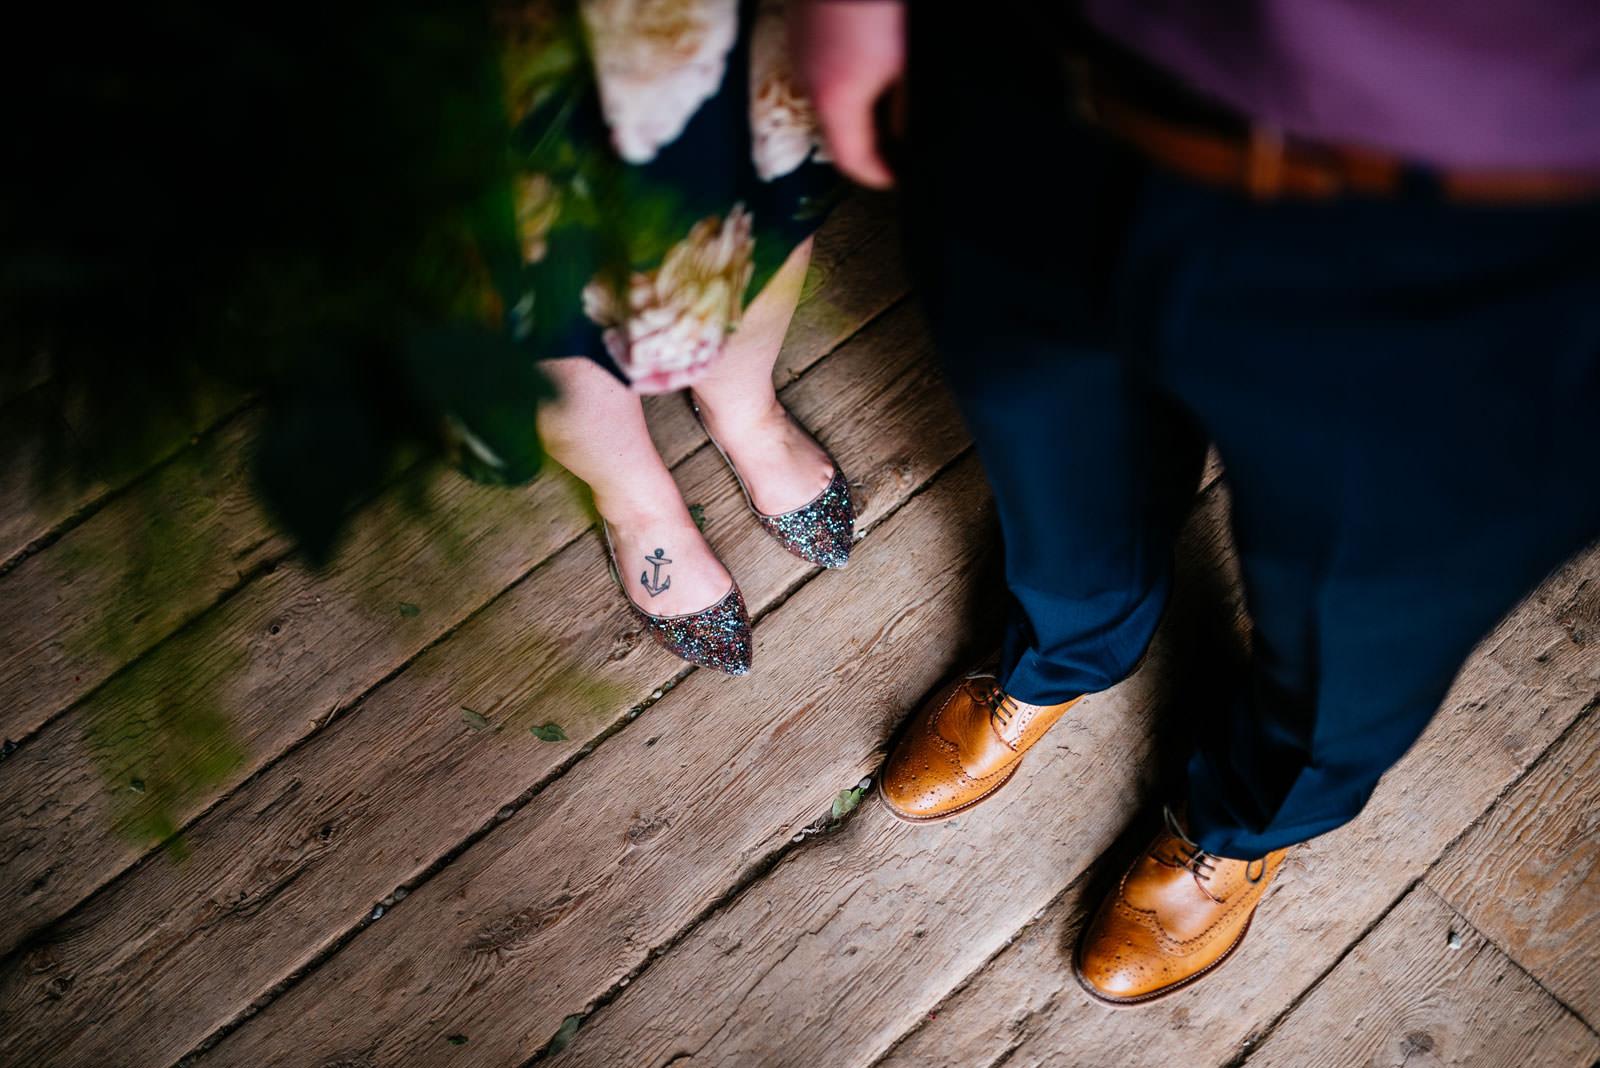 wedding details bride groom shoes